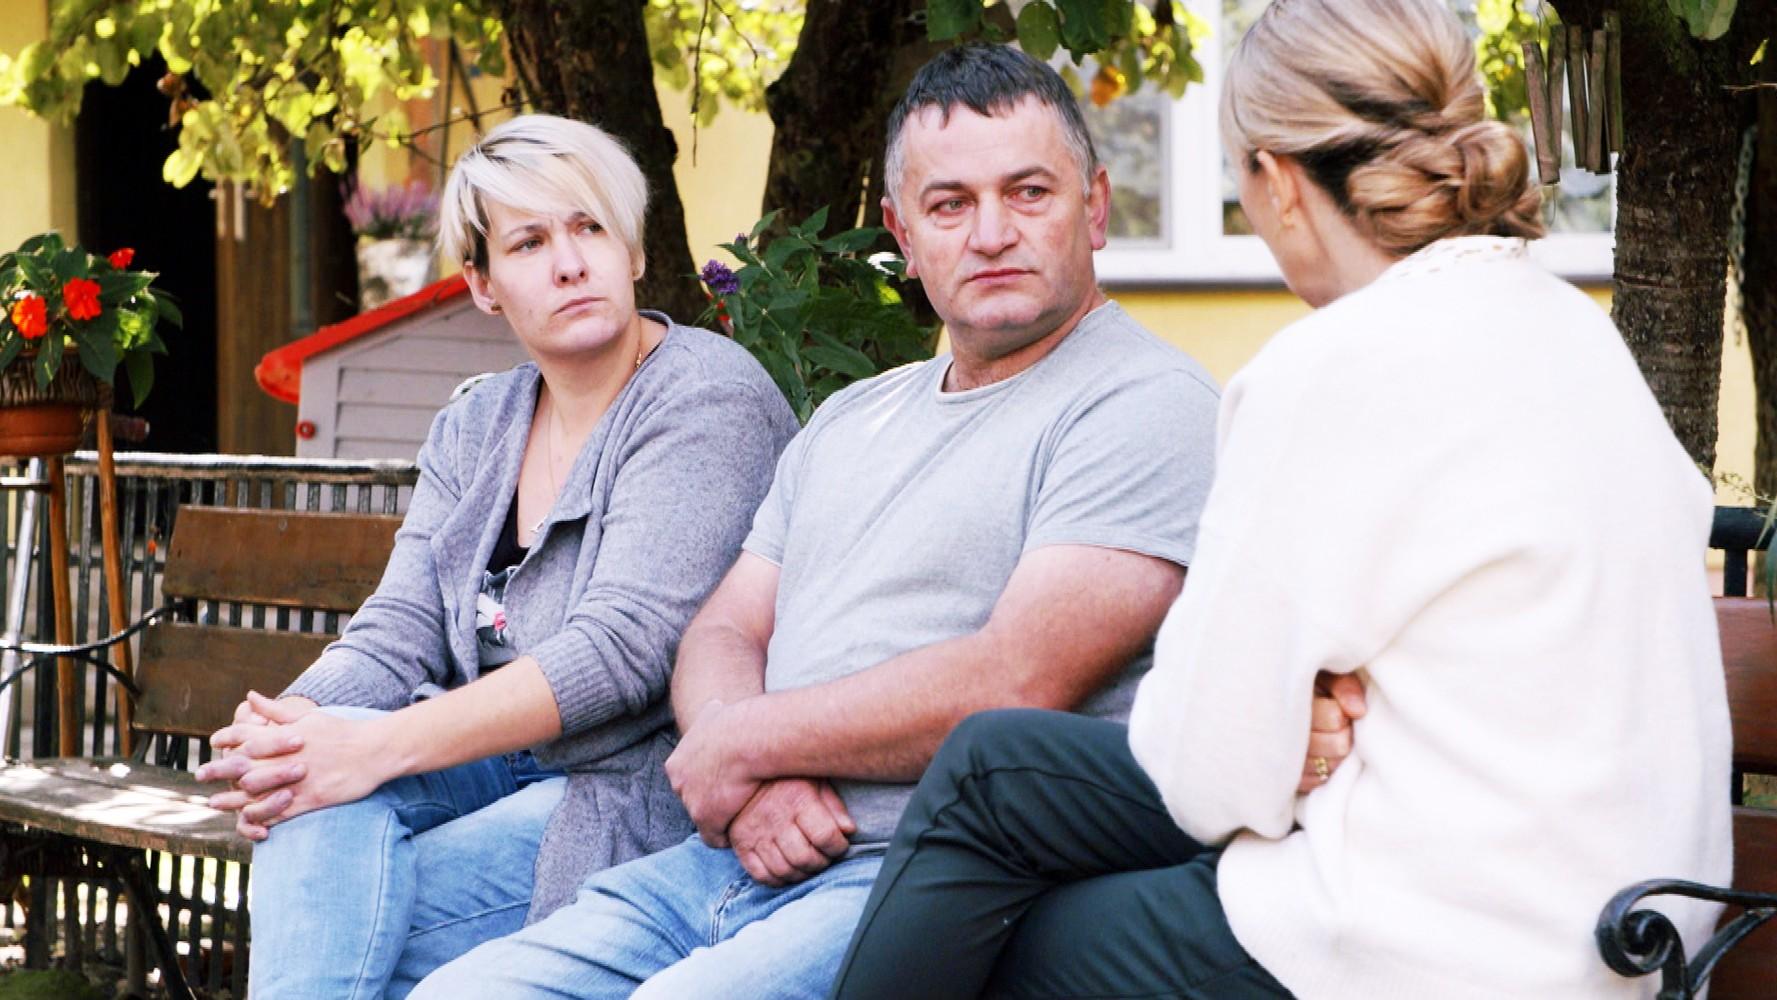 Wolni od długów - odcinek 3: Jeden podpis zmienia wszystko - Polsat.pl